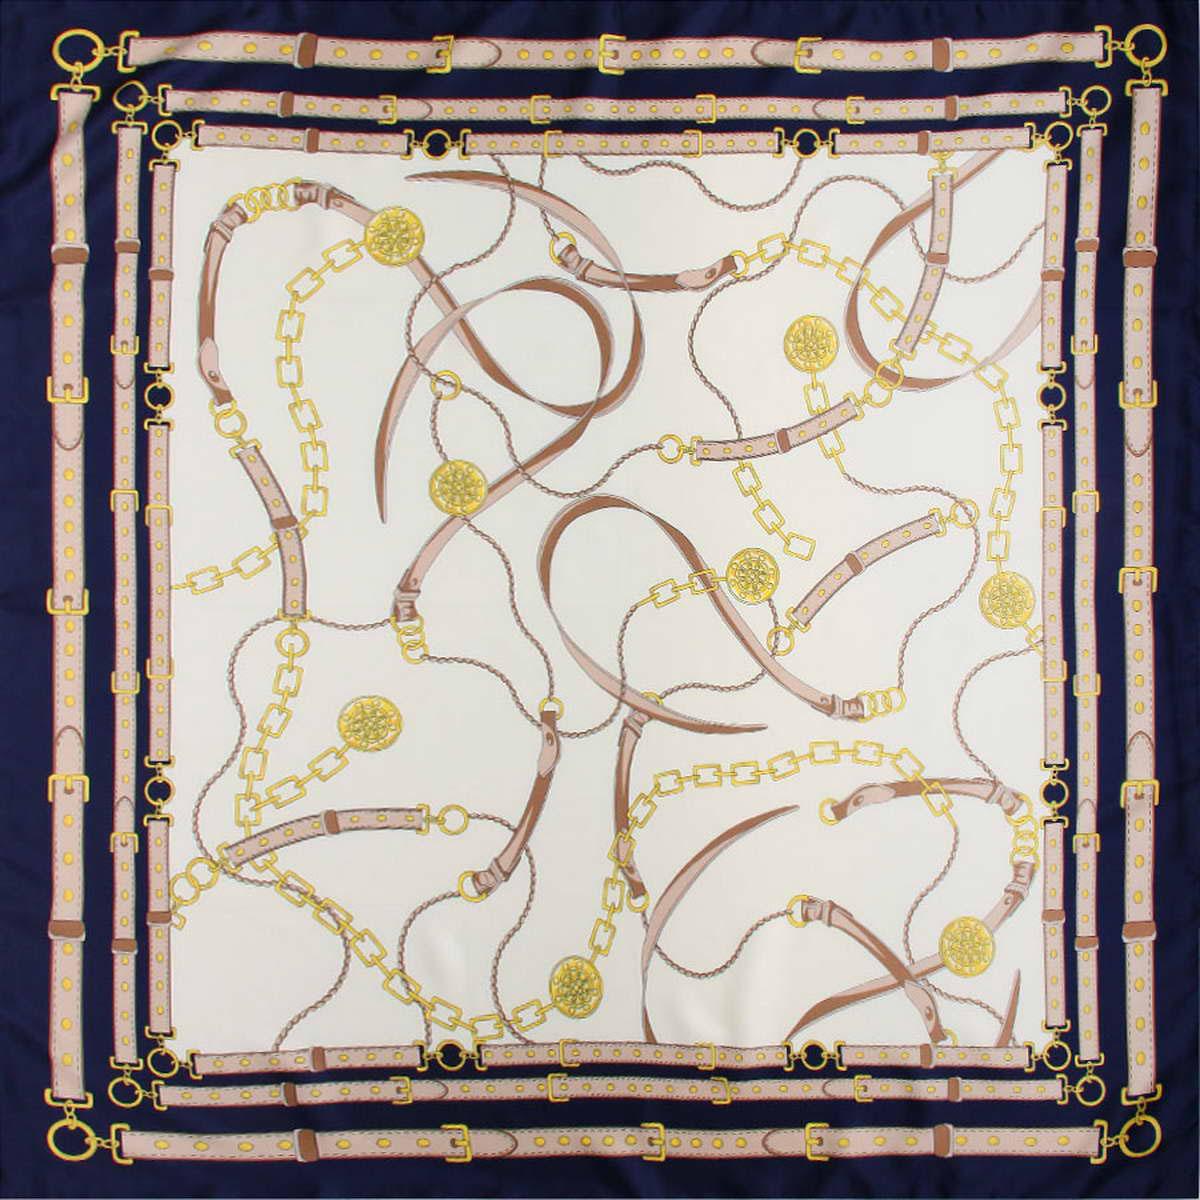 Платок женский. 3914683-53914683-5Стильный женский платок Venera станет великолепным завершением любого наряда. Платок изготовлен из полиэстера и оформлен оригинальным принтом с изображением цепей и ремешков. Классическая квадратная форма позволяет носить платок на шее, украшать им прическу или декорировать сумочку. Легкий и приятный на ощупь платок поможет вам создать изысканный женственный образ. Такой платок превосходно дополнит любой наряд и подчеркнет ваш неповторимый вкус и элегантность.